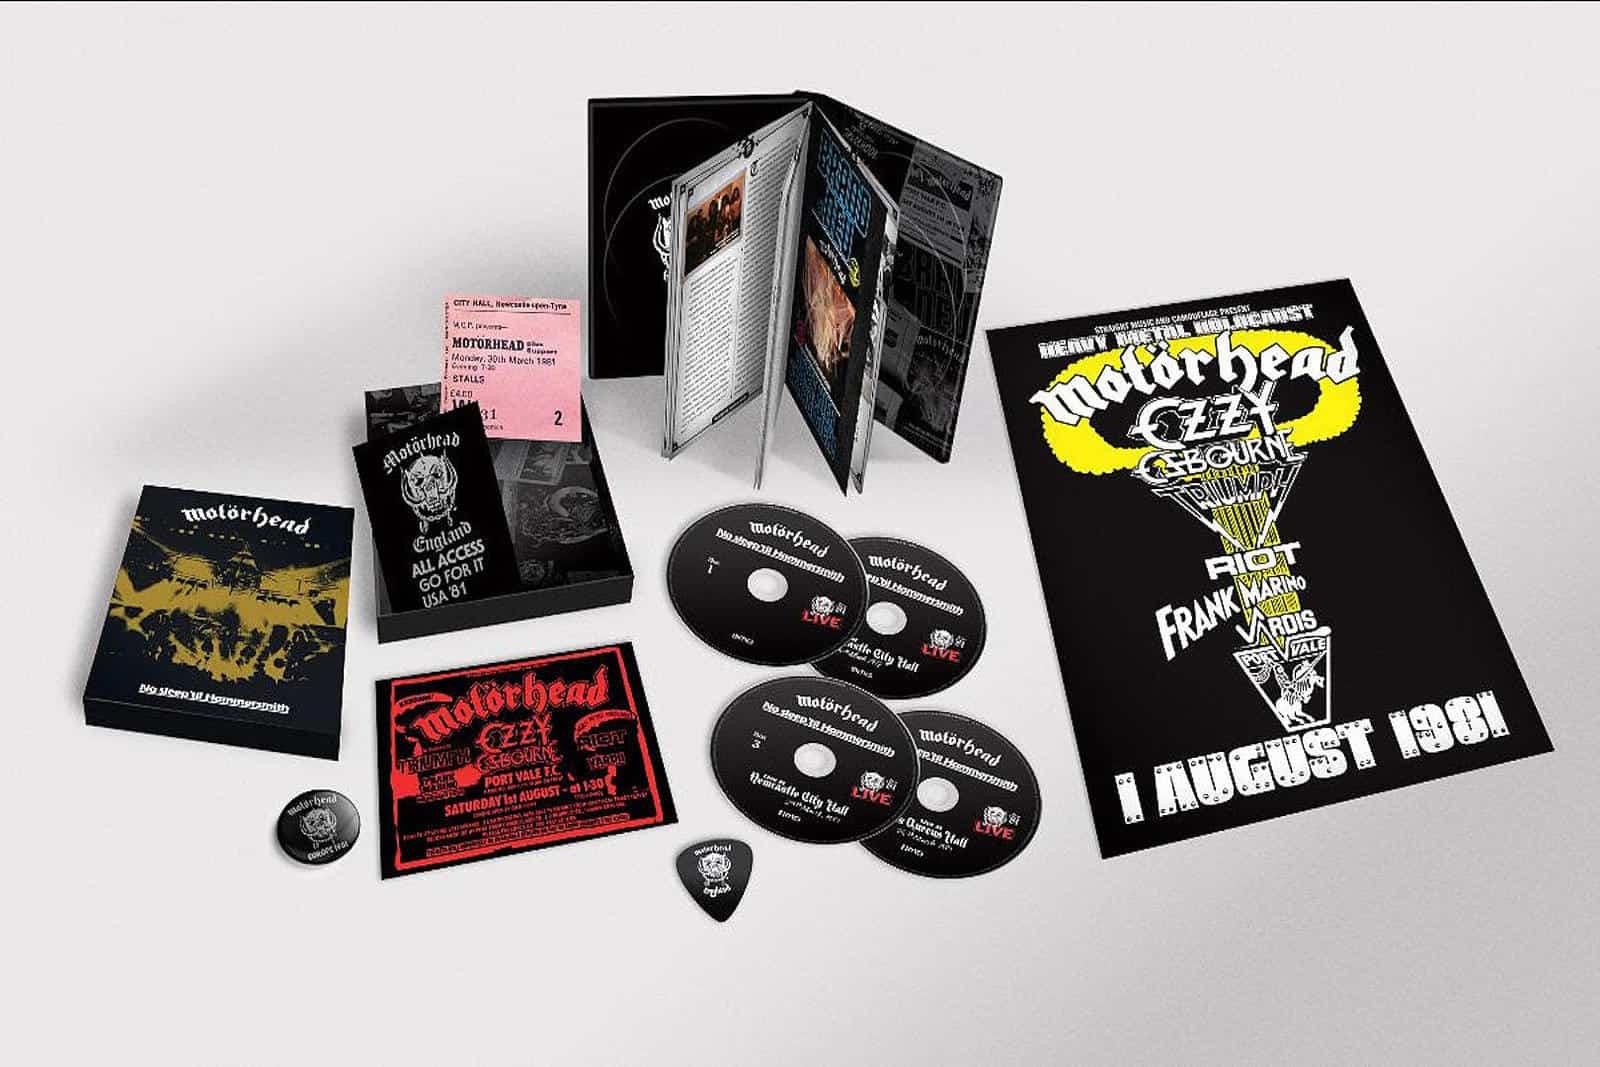 Motorhead Hammersmith Deluxe